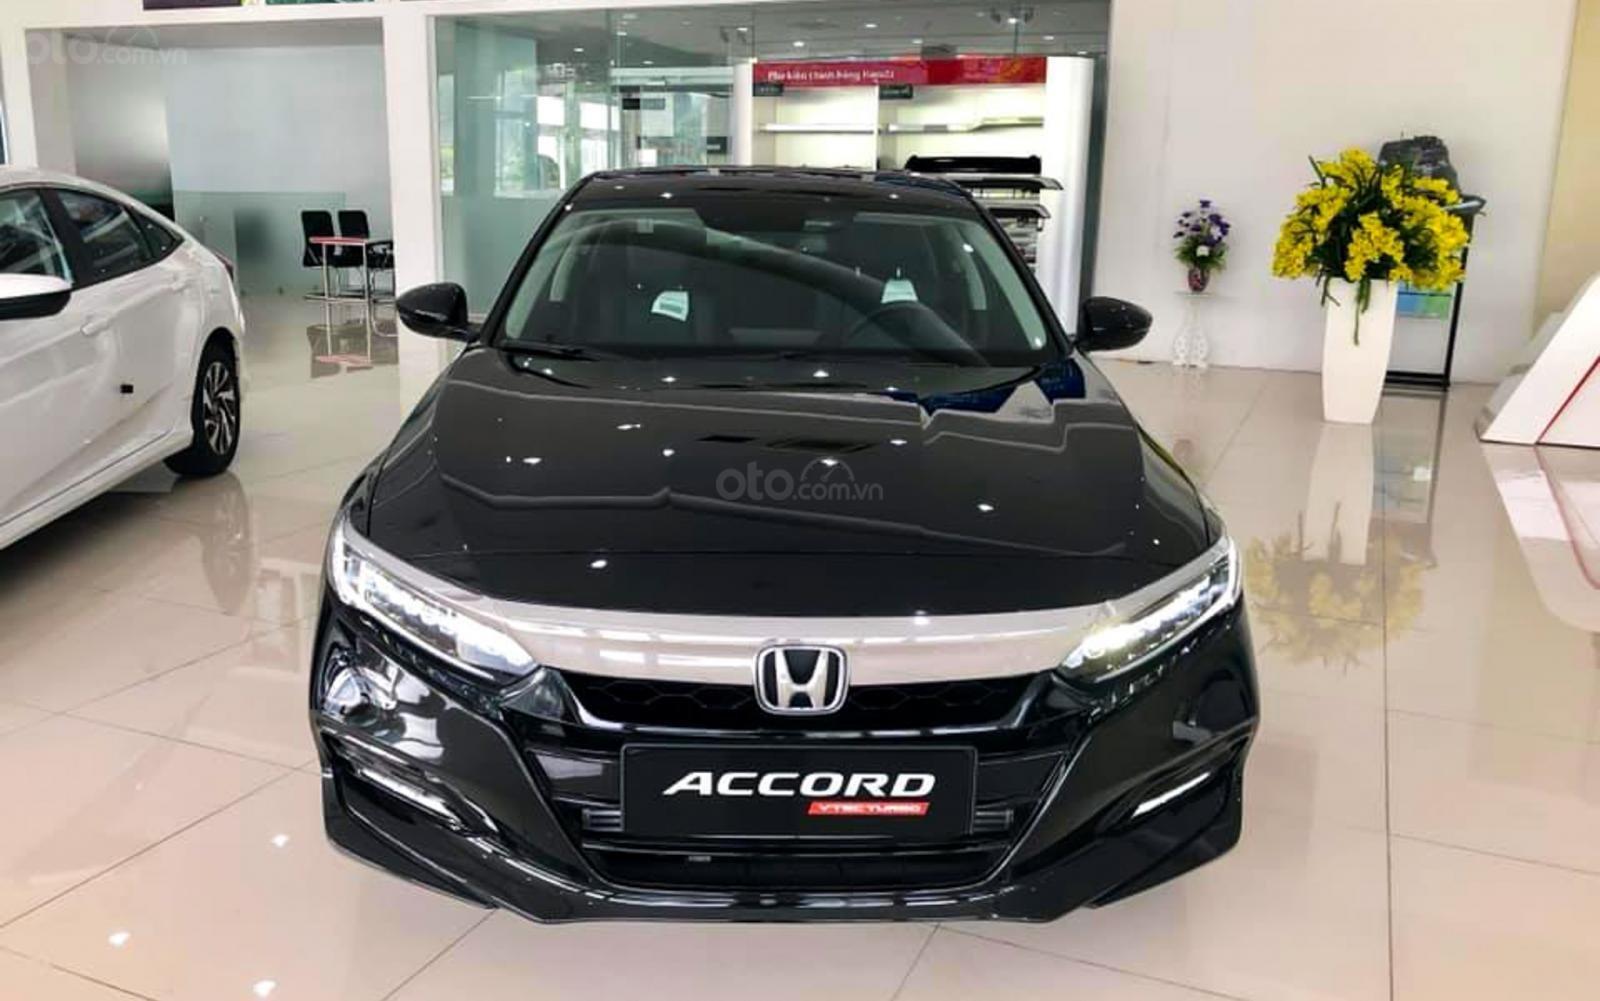 Honda Accord 2019 1.5 Turbo nhập nguyên chiếc-giao ngay (1)